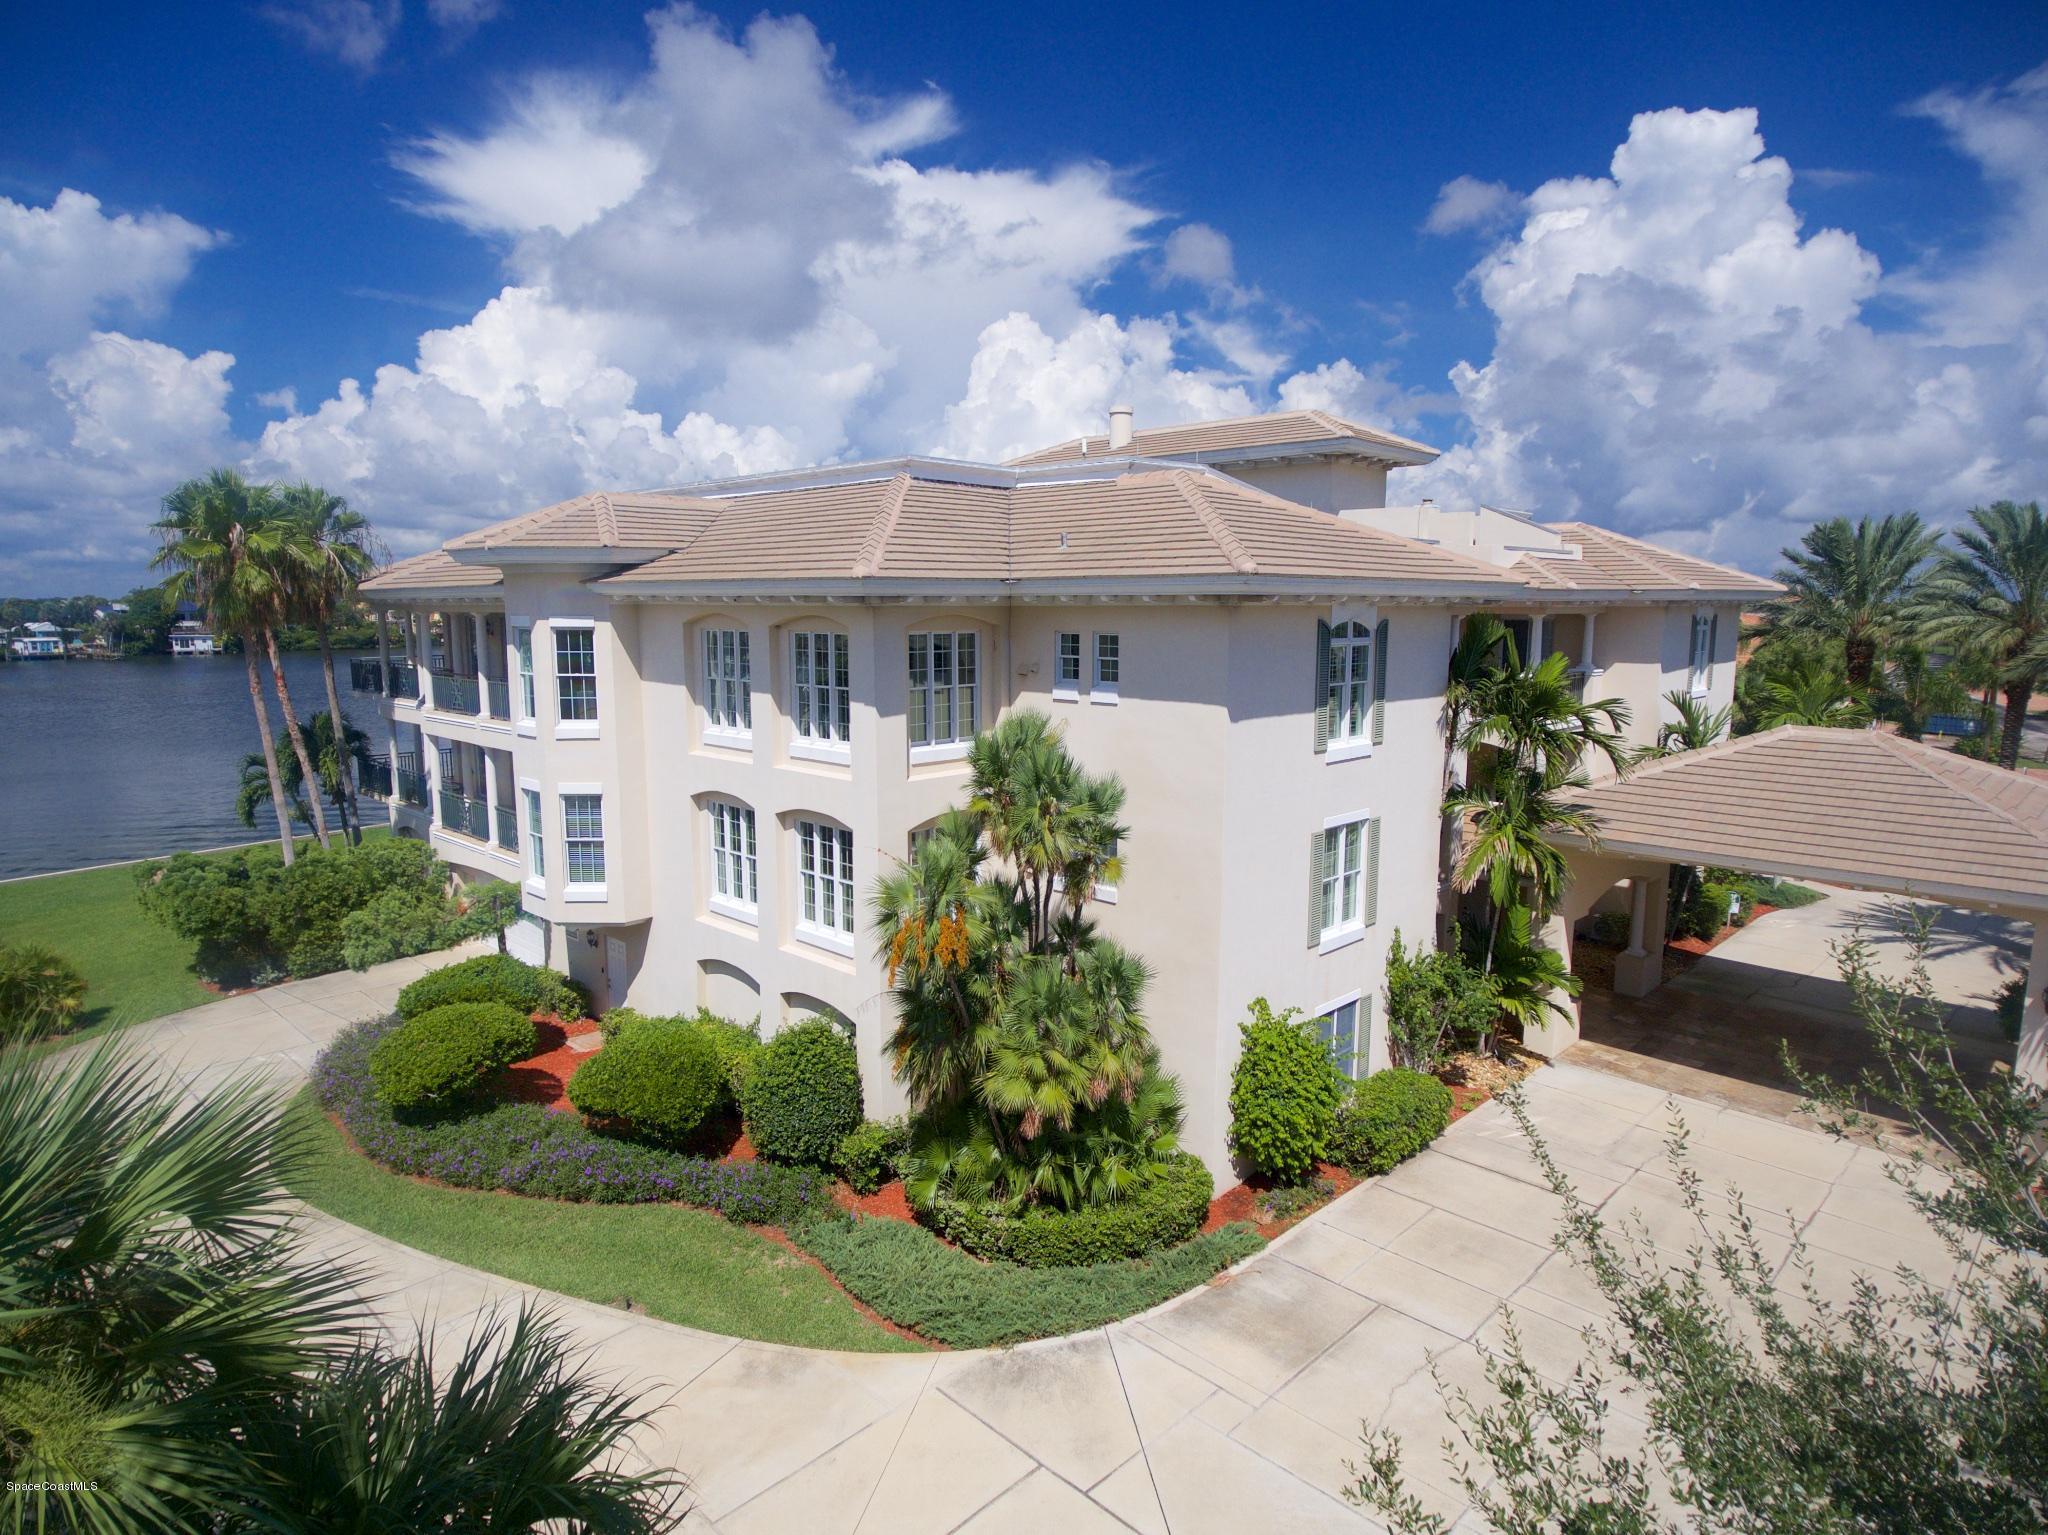 Maison unifamiliale pour l Vente à 4 Marina Isles 4 Marina Isles Indian Harbour Beach, Florida 32937 États-Unis